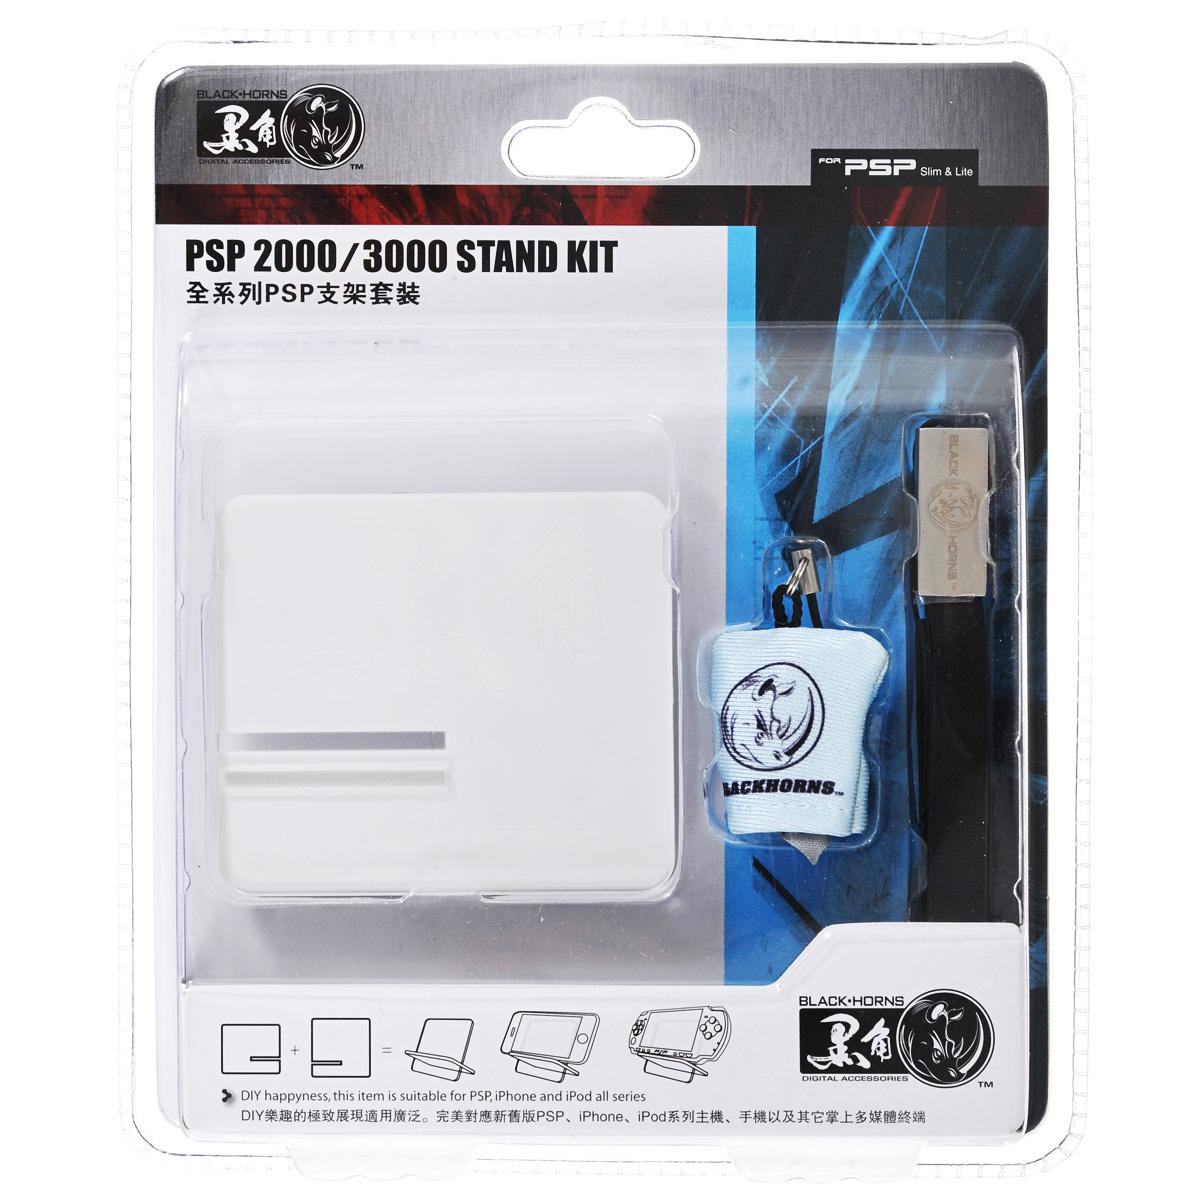 Универсальный стенд Black Horns для Sony PSP 2000/3000 (BH-PSP02801)BH-PSP02801В набор Black Horns Stand Kit для PSP 2000/3000 входит универсальная пластиковая подставка для игровой консоли, мобильного телефона или другого устройства. В комплекте также имеются 2 ткани для протирания экрана приставки и кожаный ремешок на руку для переноски устройств. Подставку можно использовать с iPhone/iPod.